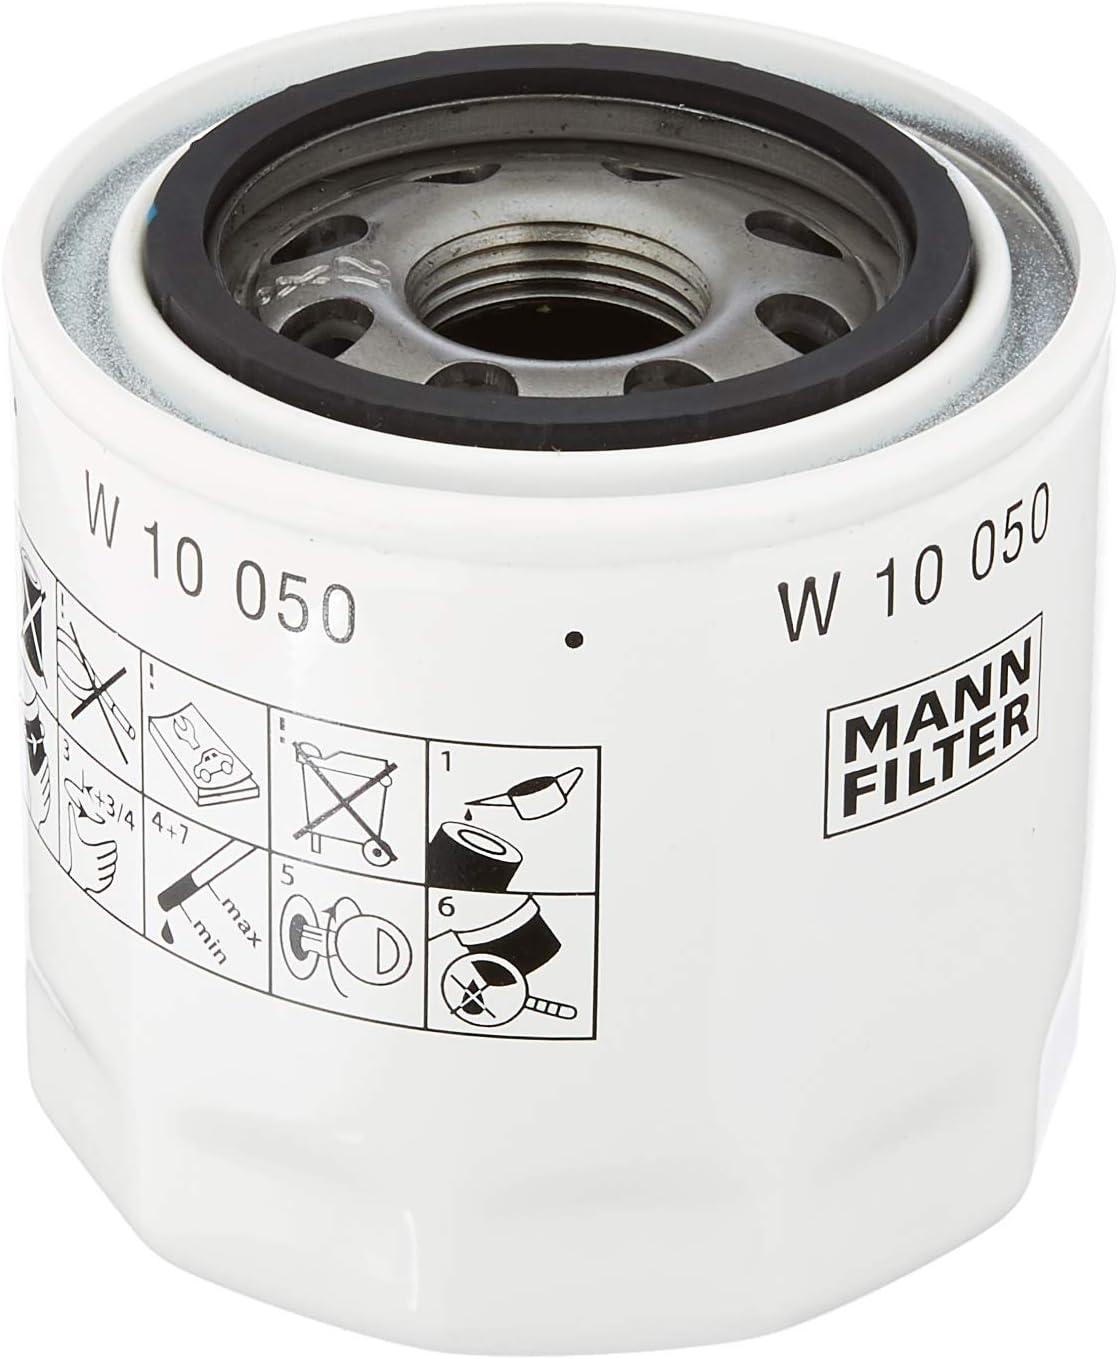 Original Mann Filter Ölfilter W 10 050 Für Pkw Und Nutzfahrzeuge Auto